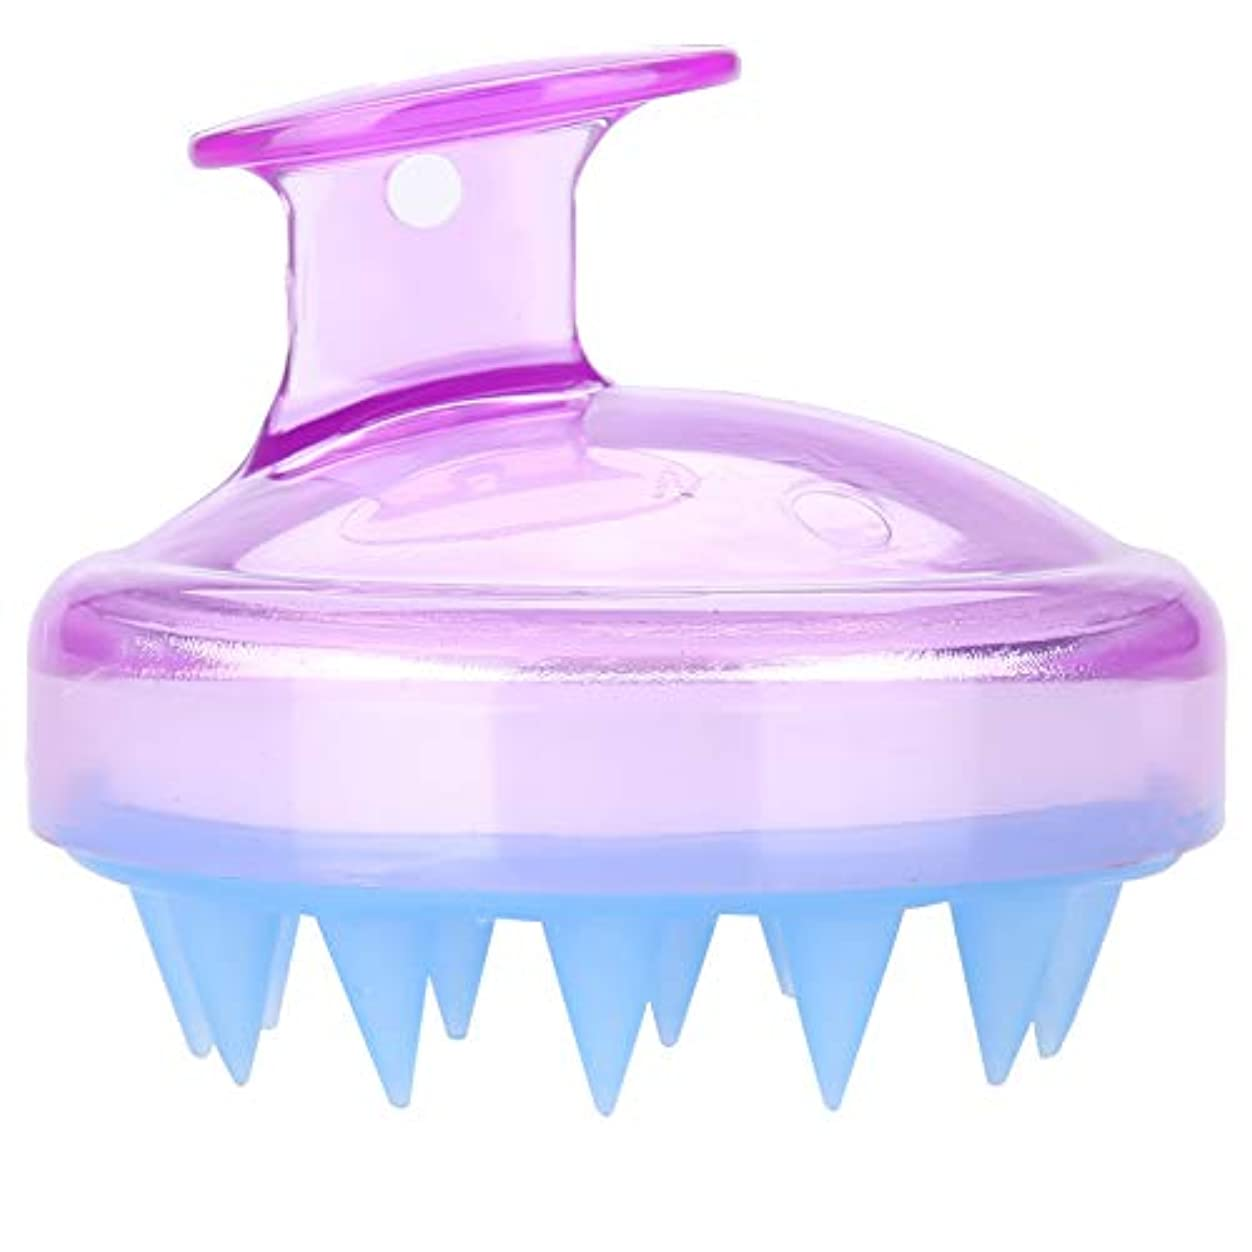 一元化する浴火山5色マッサージャーヘッド - スカルプマッサージャー、マッサージャーブラシヘッドシャンプー - ボディ洗浄マッサージャーのためのシャワーブラシ(紫の)